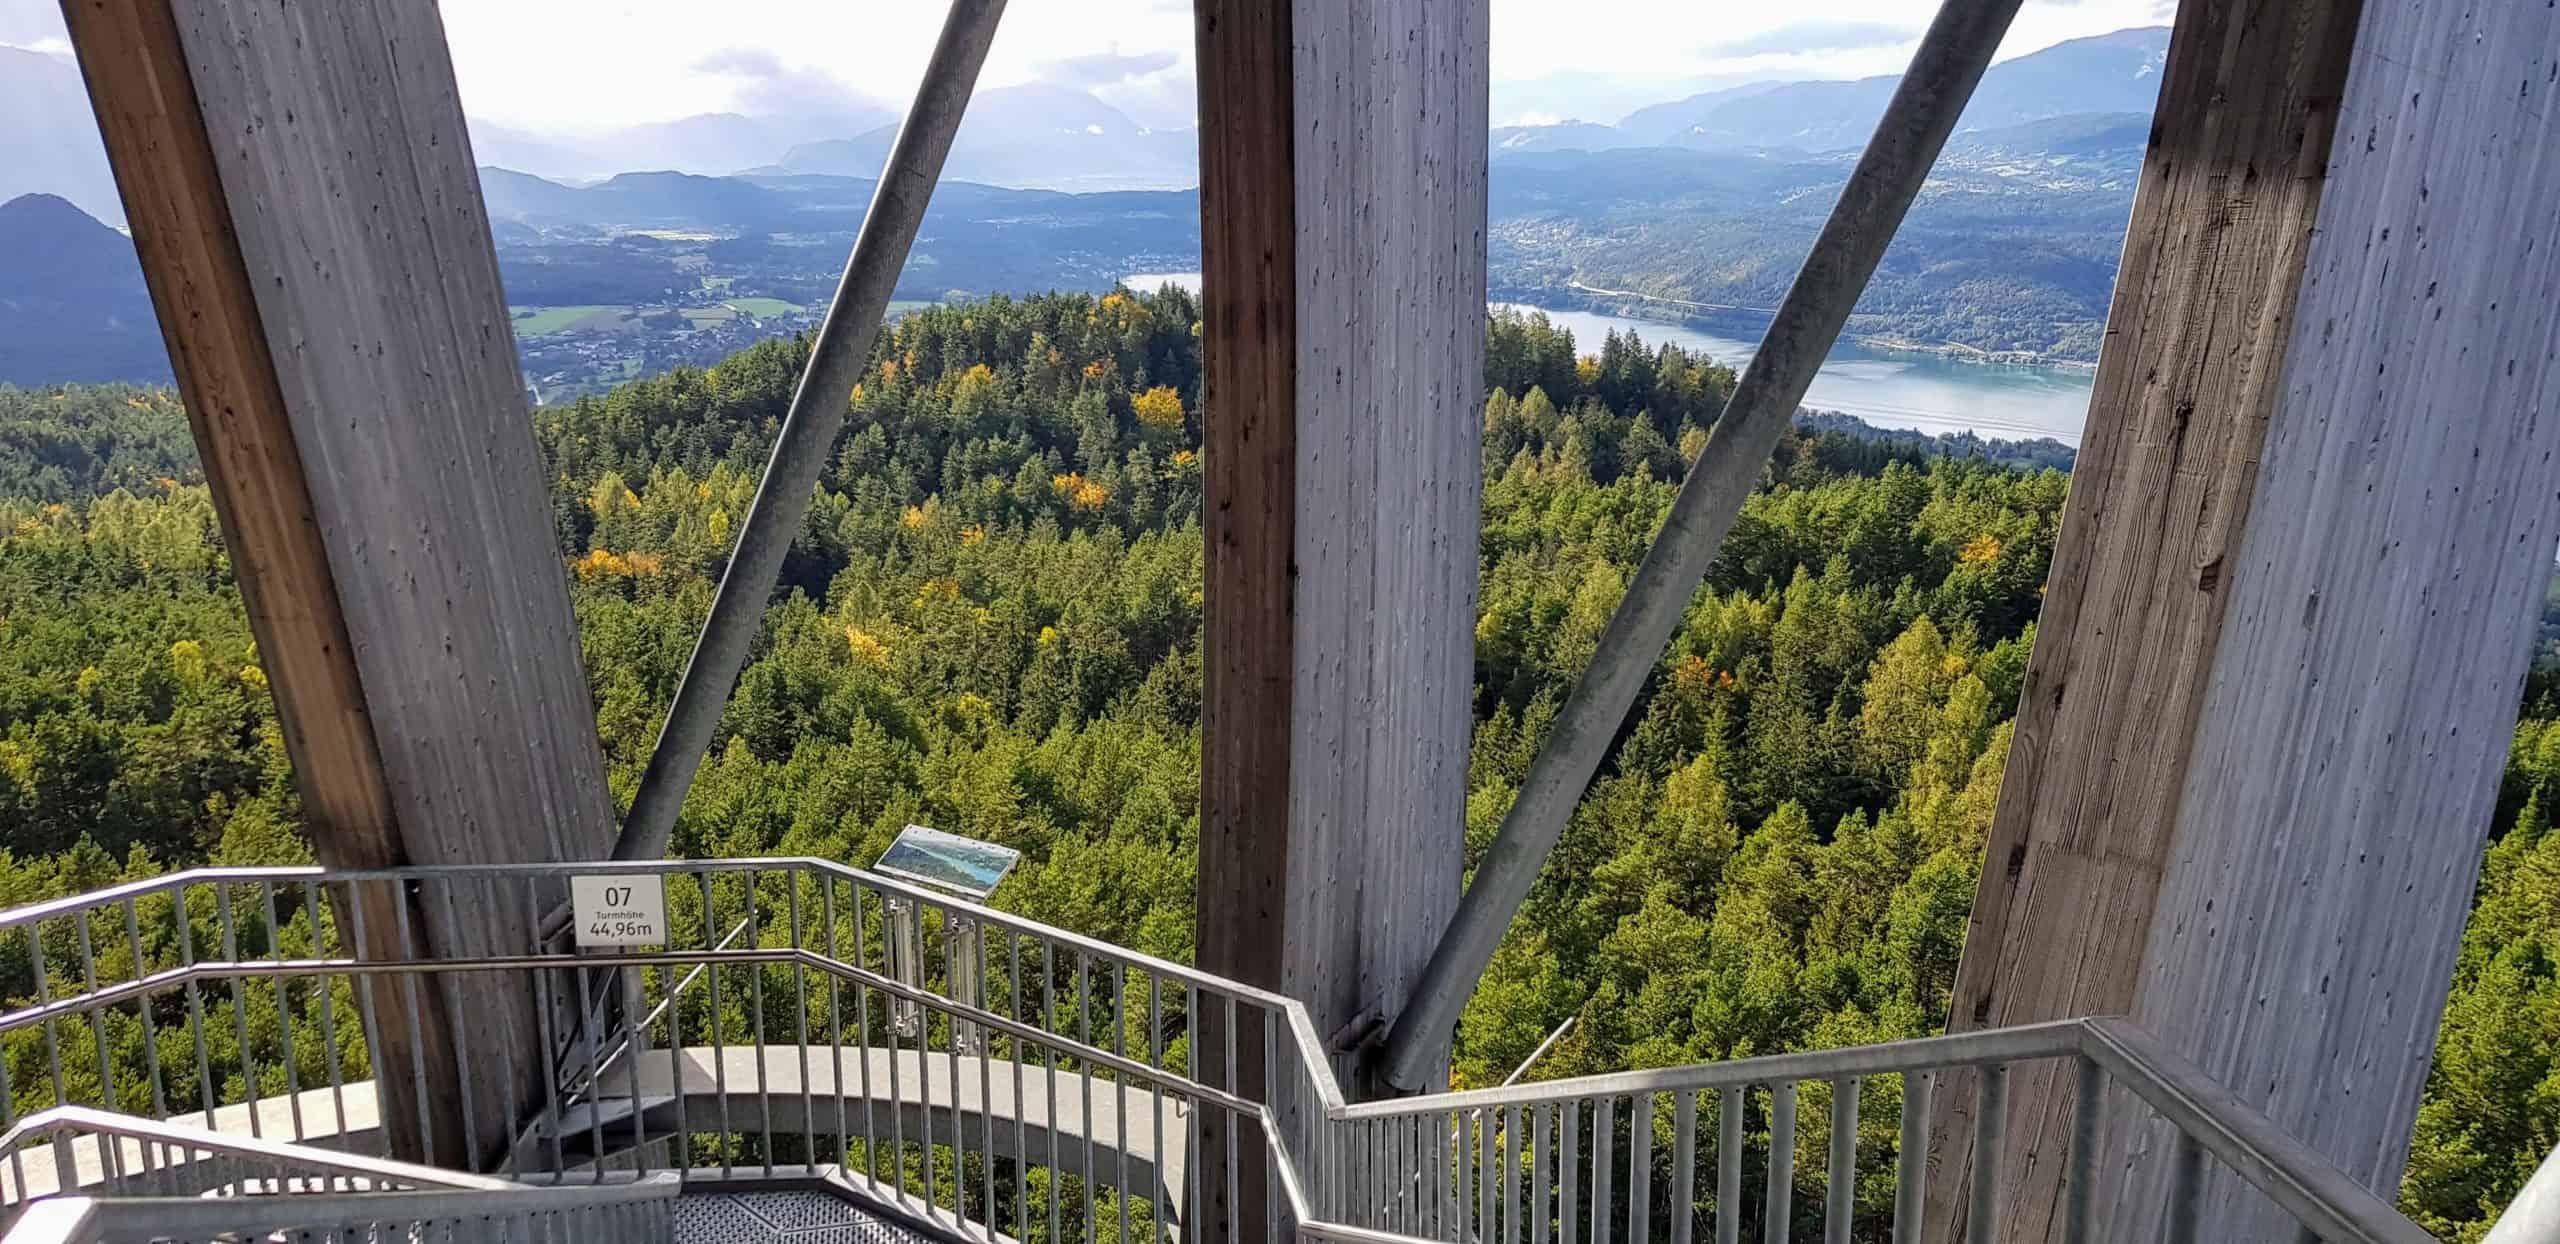 Aufgang auf Pyramidenkogel mit Blick auf Kärnten Richtung Velden am Wörthersee. Sehenswürdigkeit für Familien in Österreich